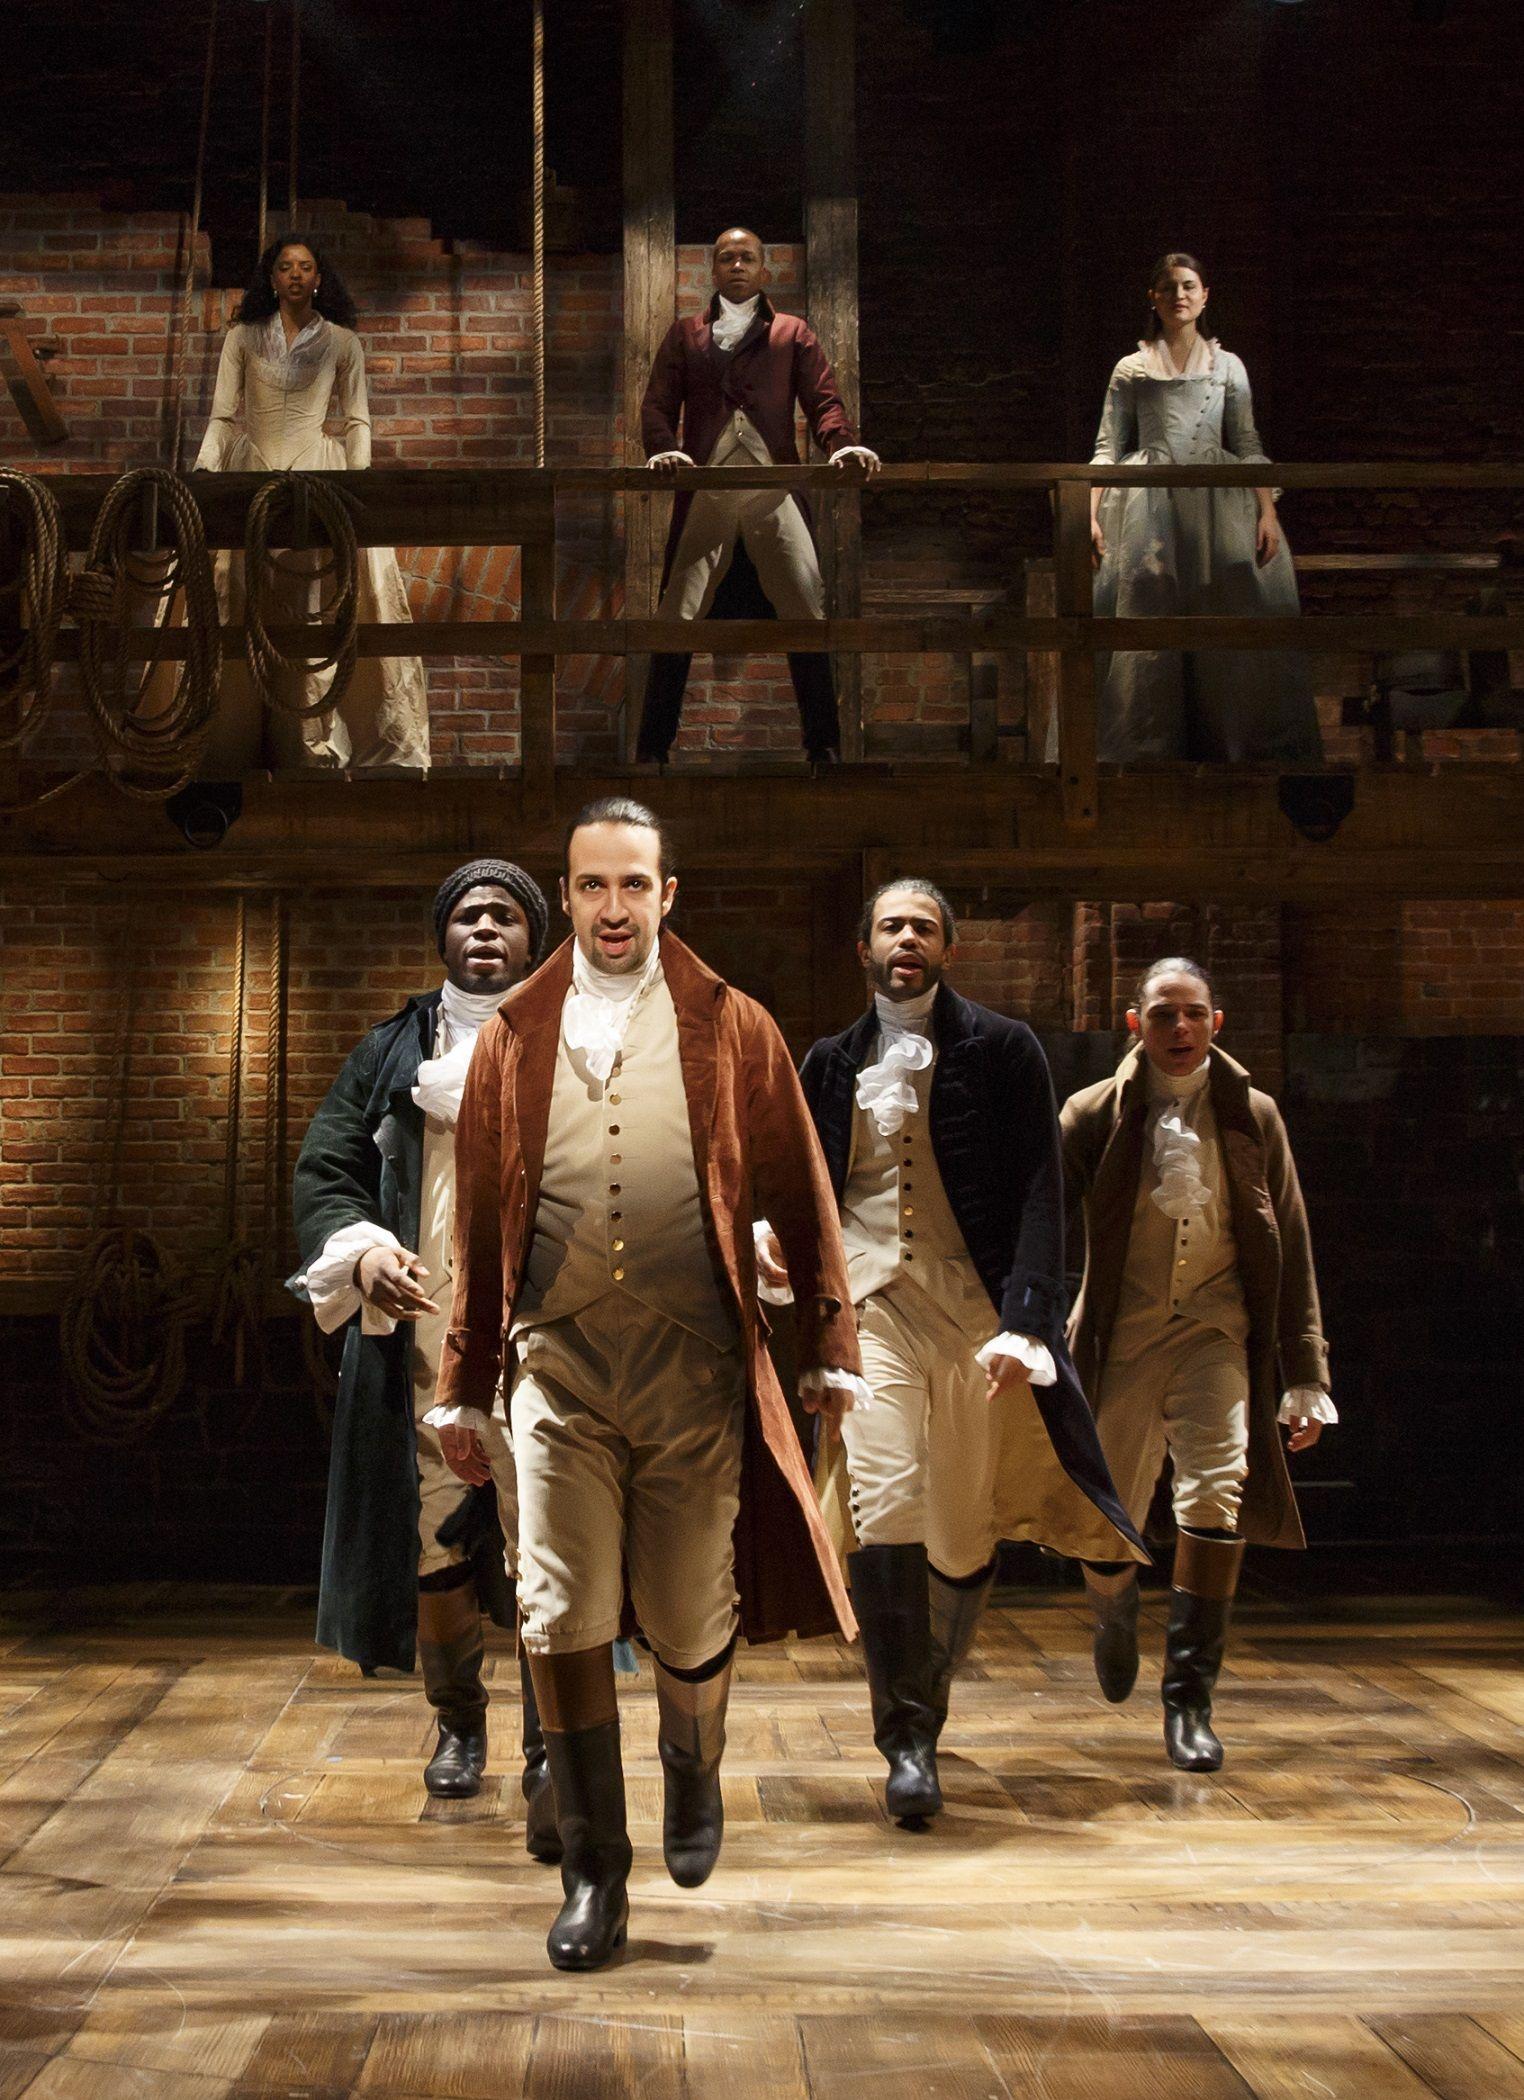 Angelica Schuyler, Aaron Burr, Eliza Schuyler- Hamilton, Hercules Mulligan, Alexander Hamilton, Marquis de Lafayette, and John Laurens